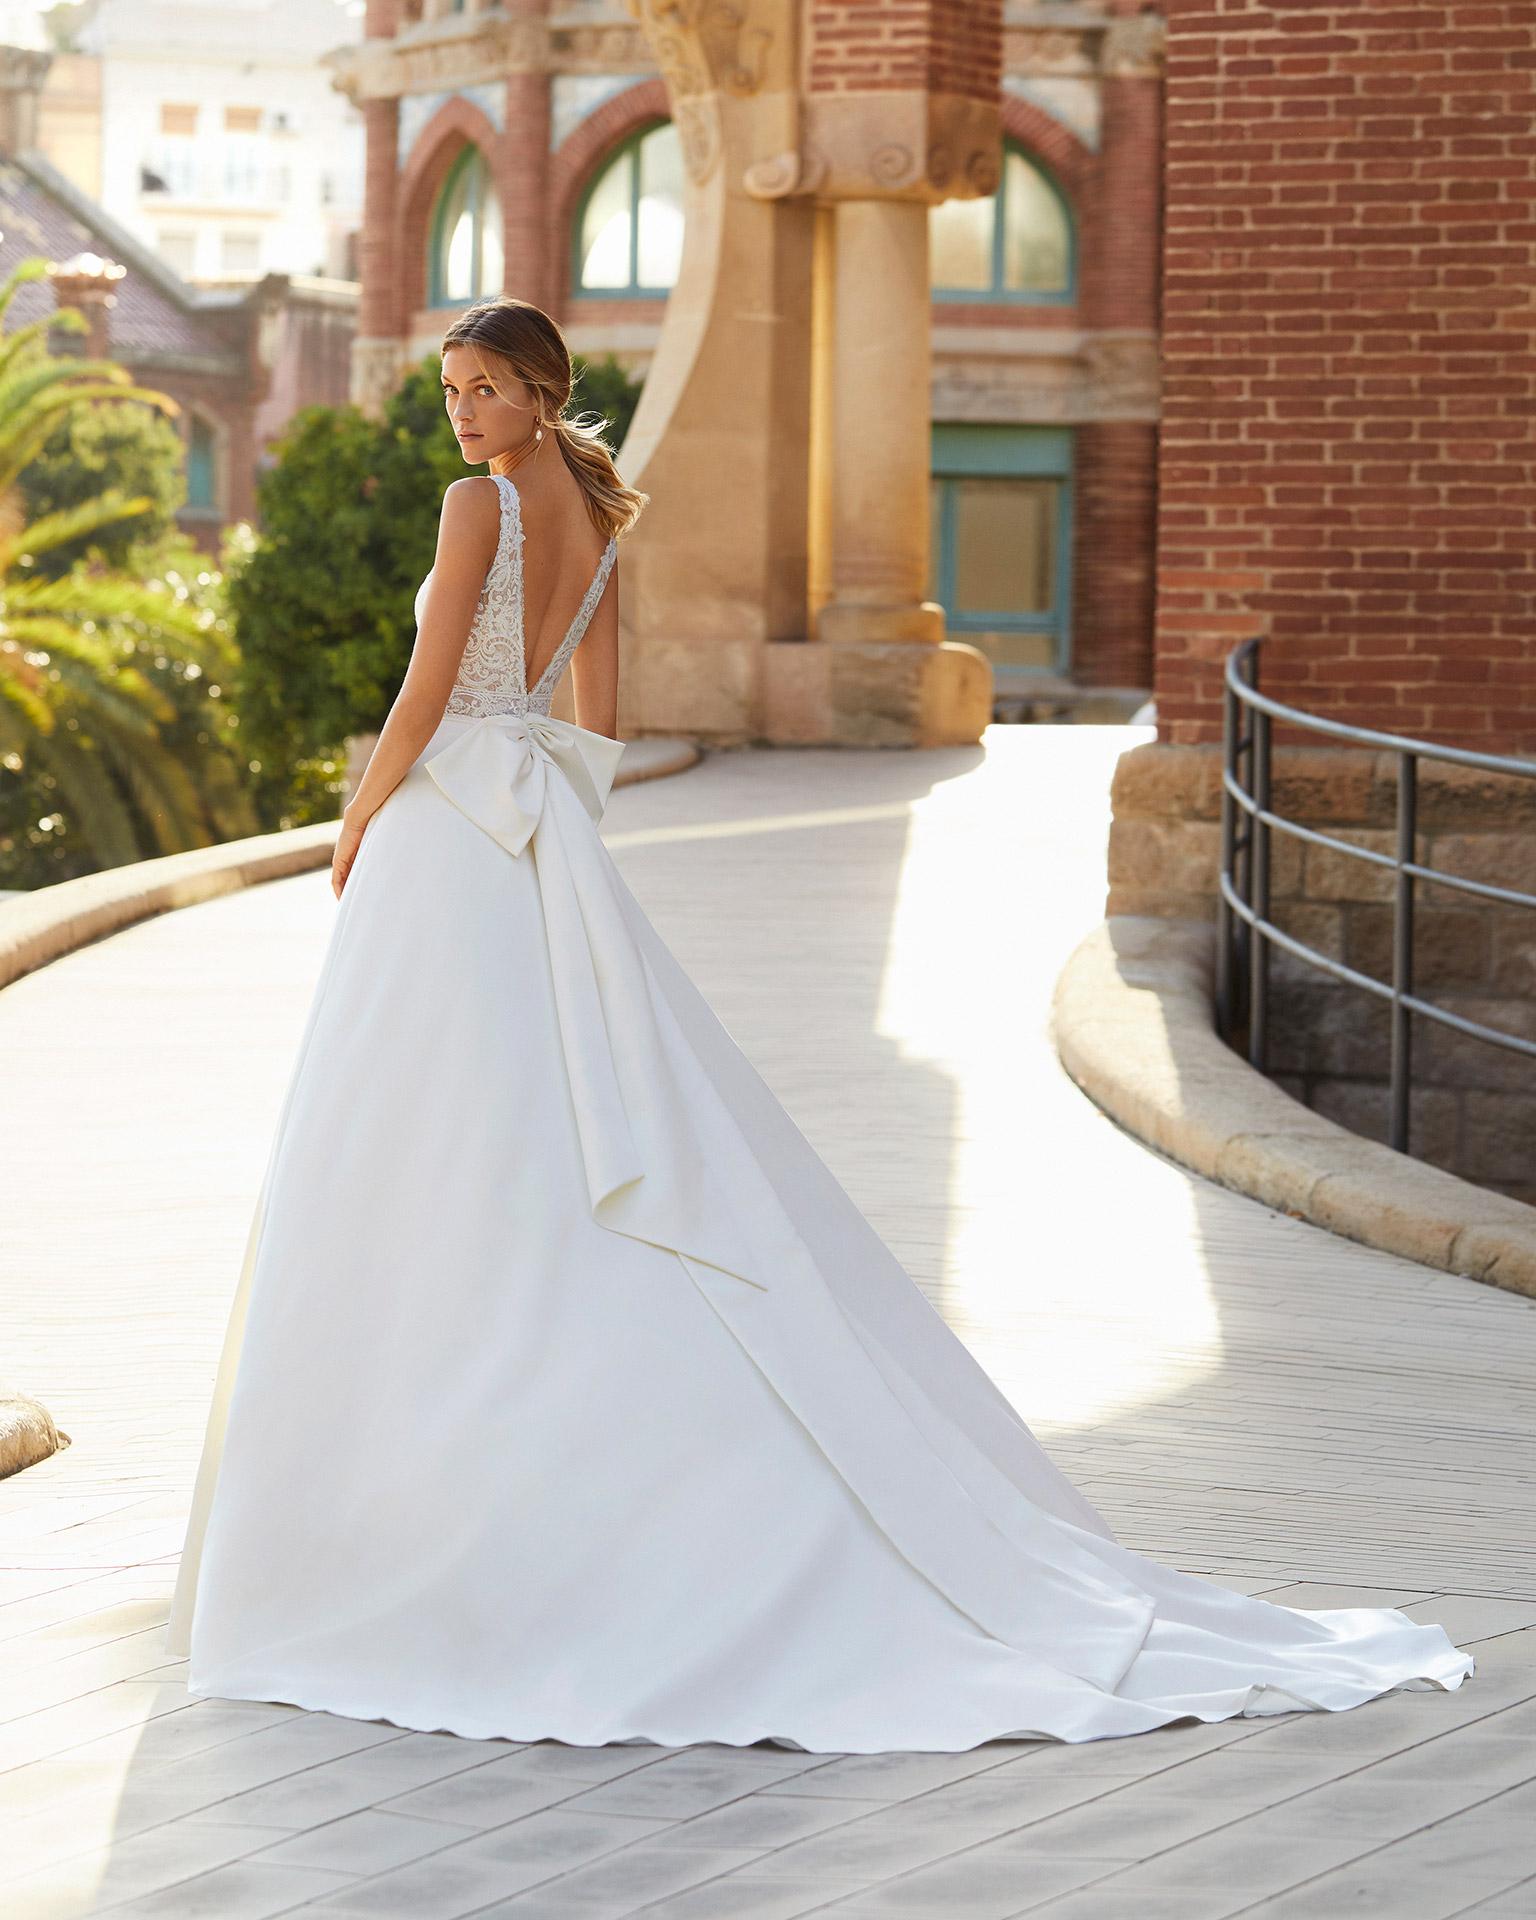 Vestido de novia estilo clásico de raso, encaje y pedrería. Escote y espalda en V con lazo en espalda. Colección  2021.